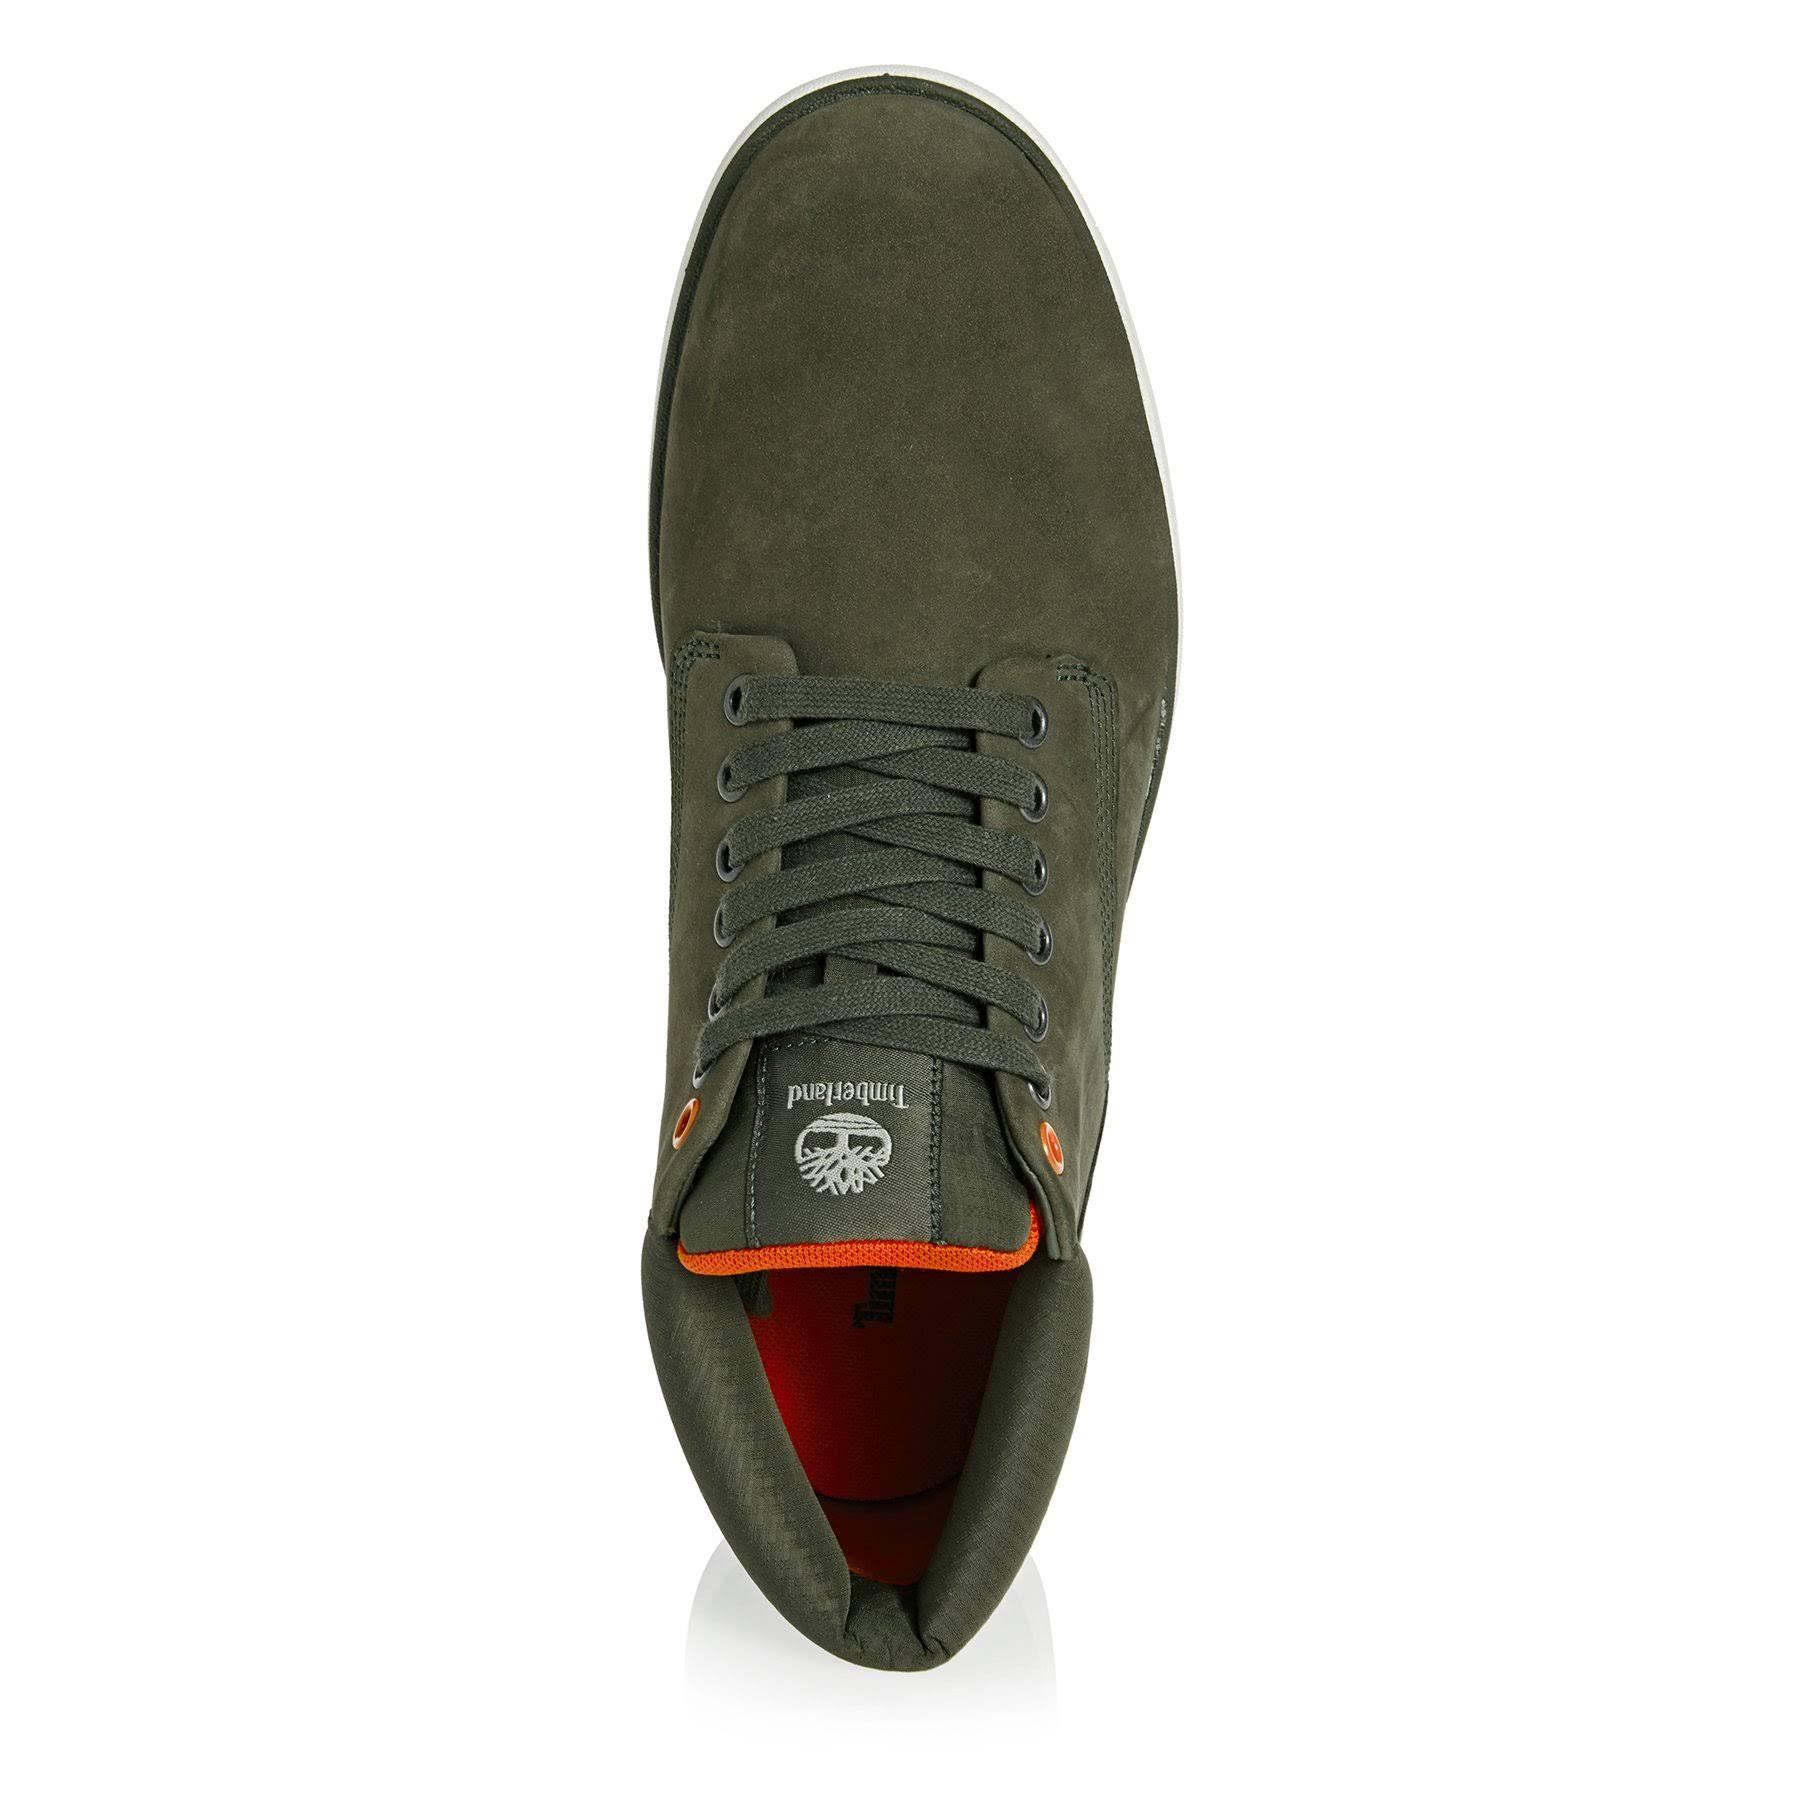 Leaf Bradstreet Size Grape Chukka Timberland Oliv 7 A1tvm Weiß Boots fdOWqw